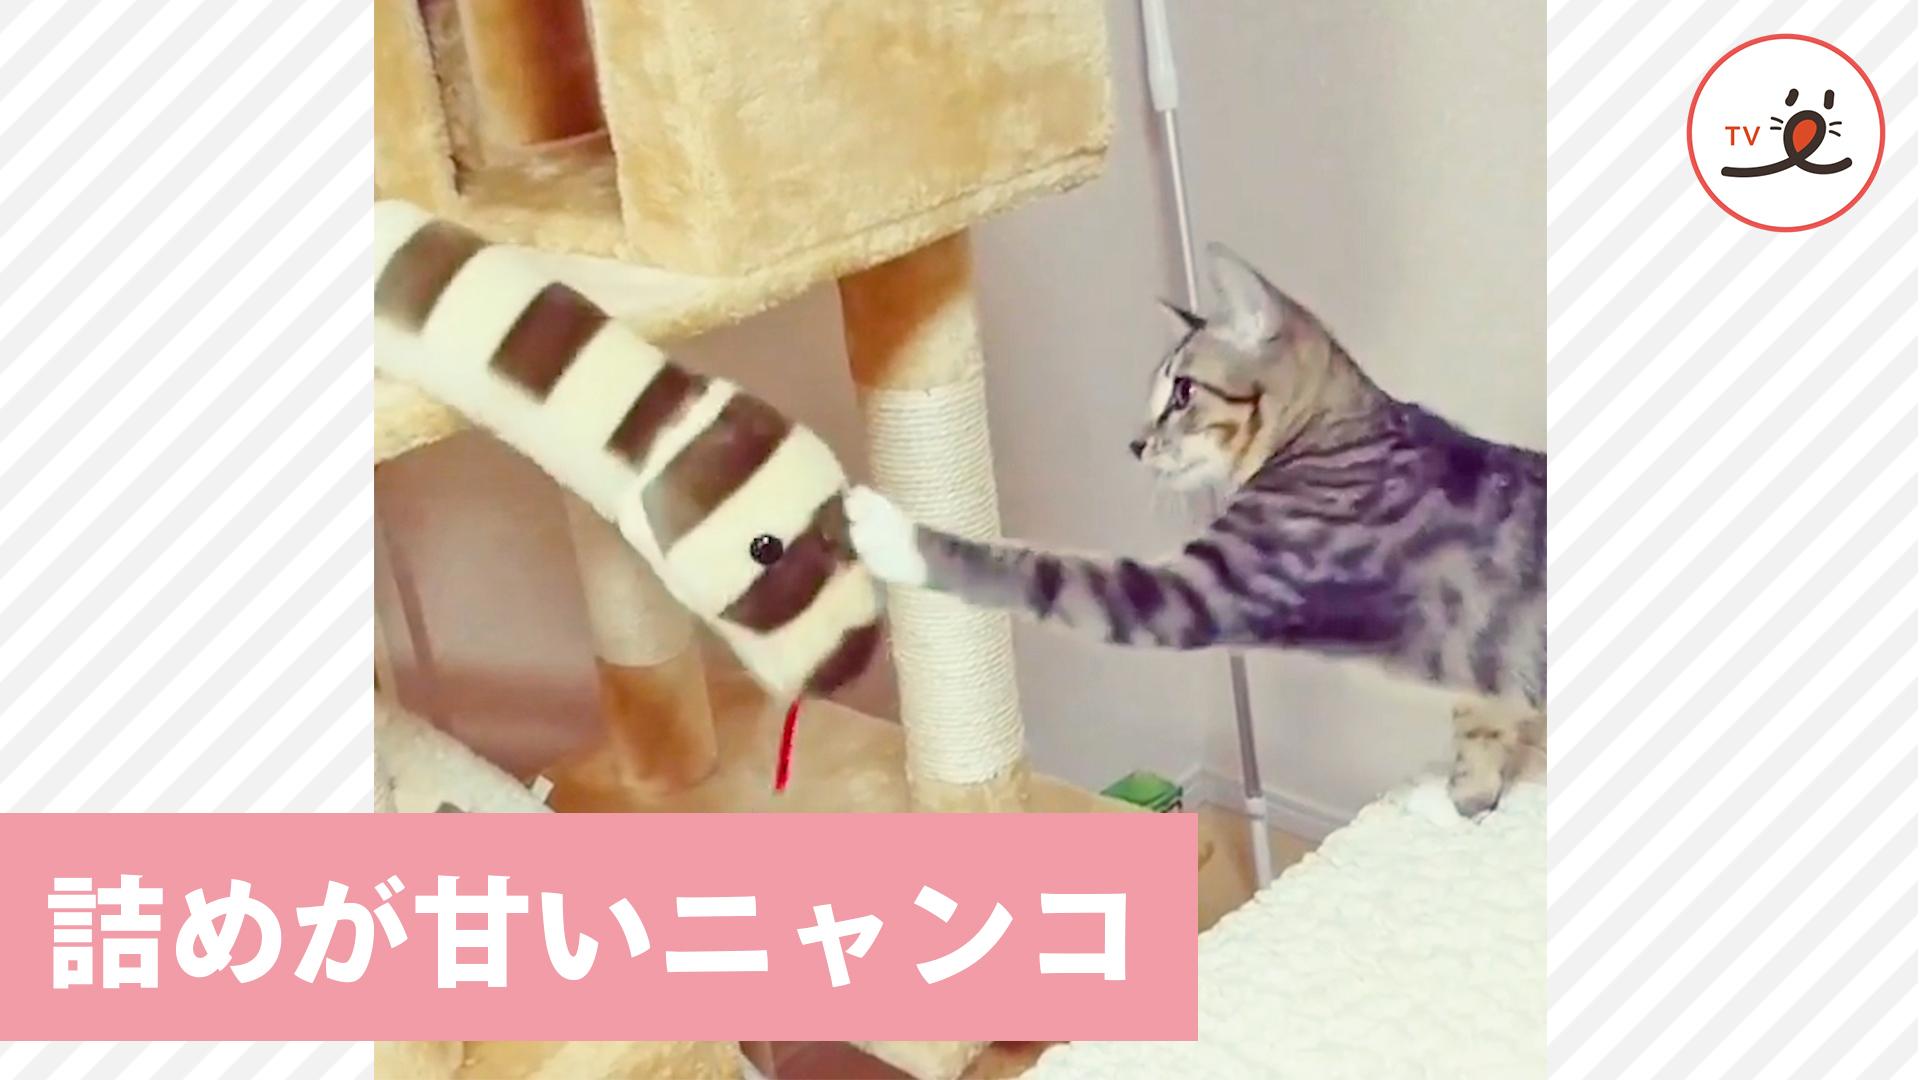 負けないにゃ~! ヘビのおもちゃにトドメの猫パンチをくり出すニャンコさん。 でも.....?